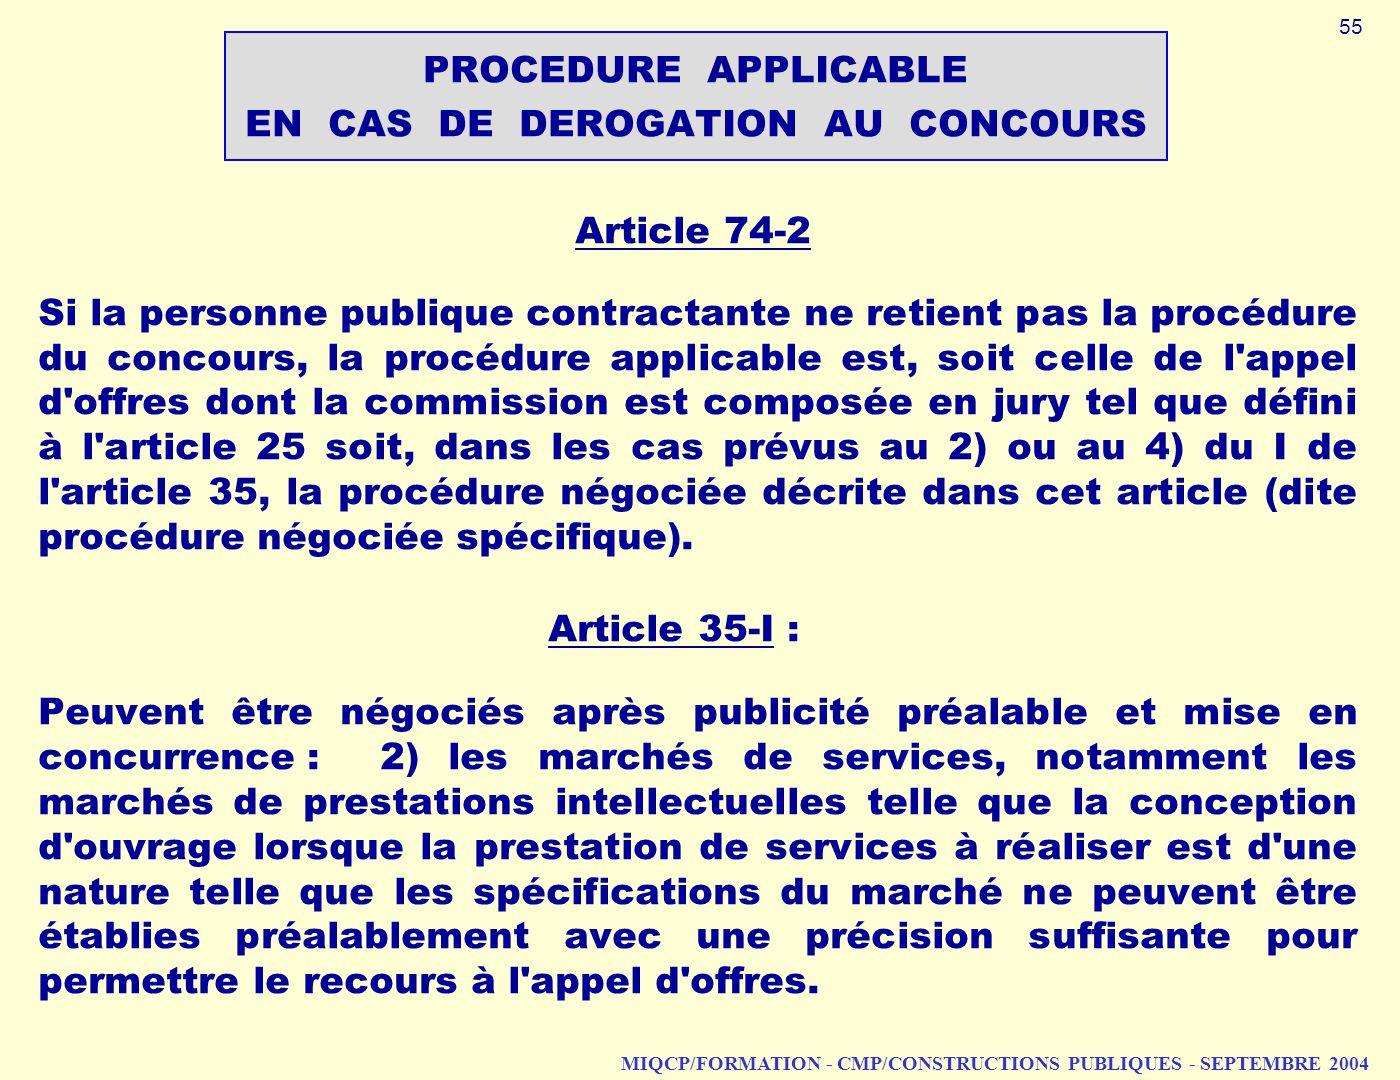 MIQCP/FORMATION - CMP/CONSTRUCTIONS PUBLIQUES - SEPTEMBRE 2004 Article 74 2 Si la personne publique contractante ne retient pas la procédure du concou